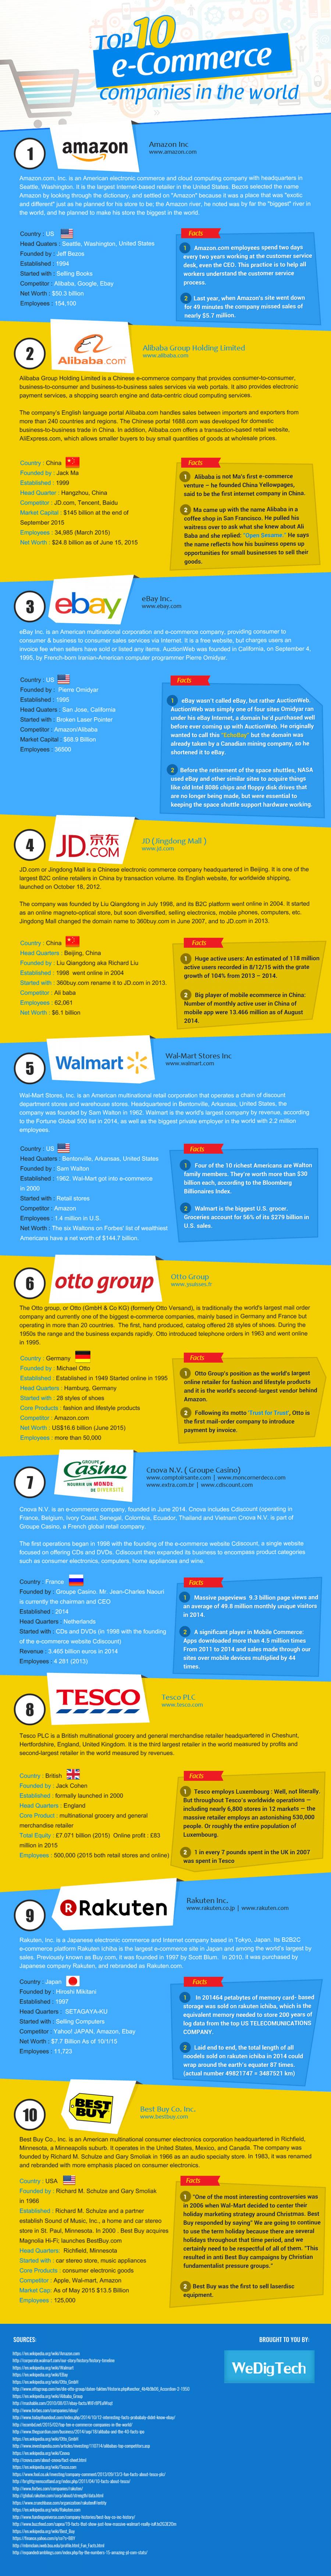 dunyanin-en-buyuk-e-ticaret-siteleri-infografik